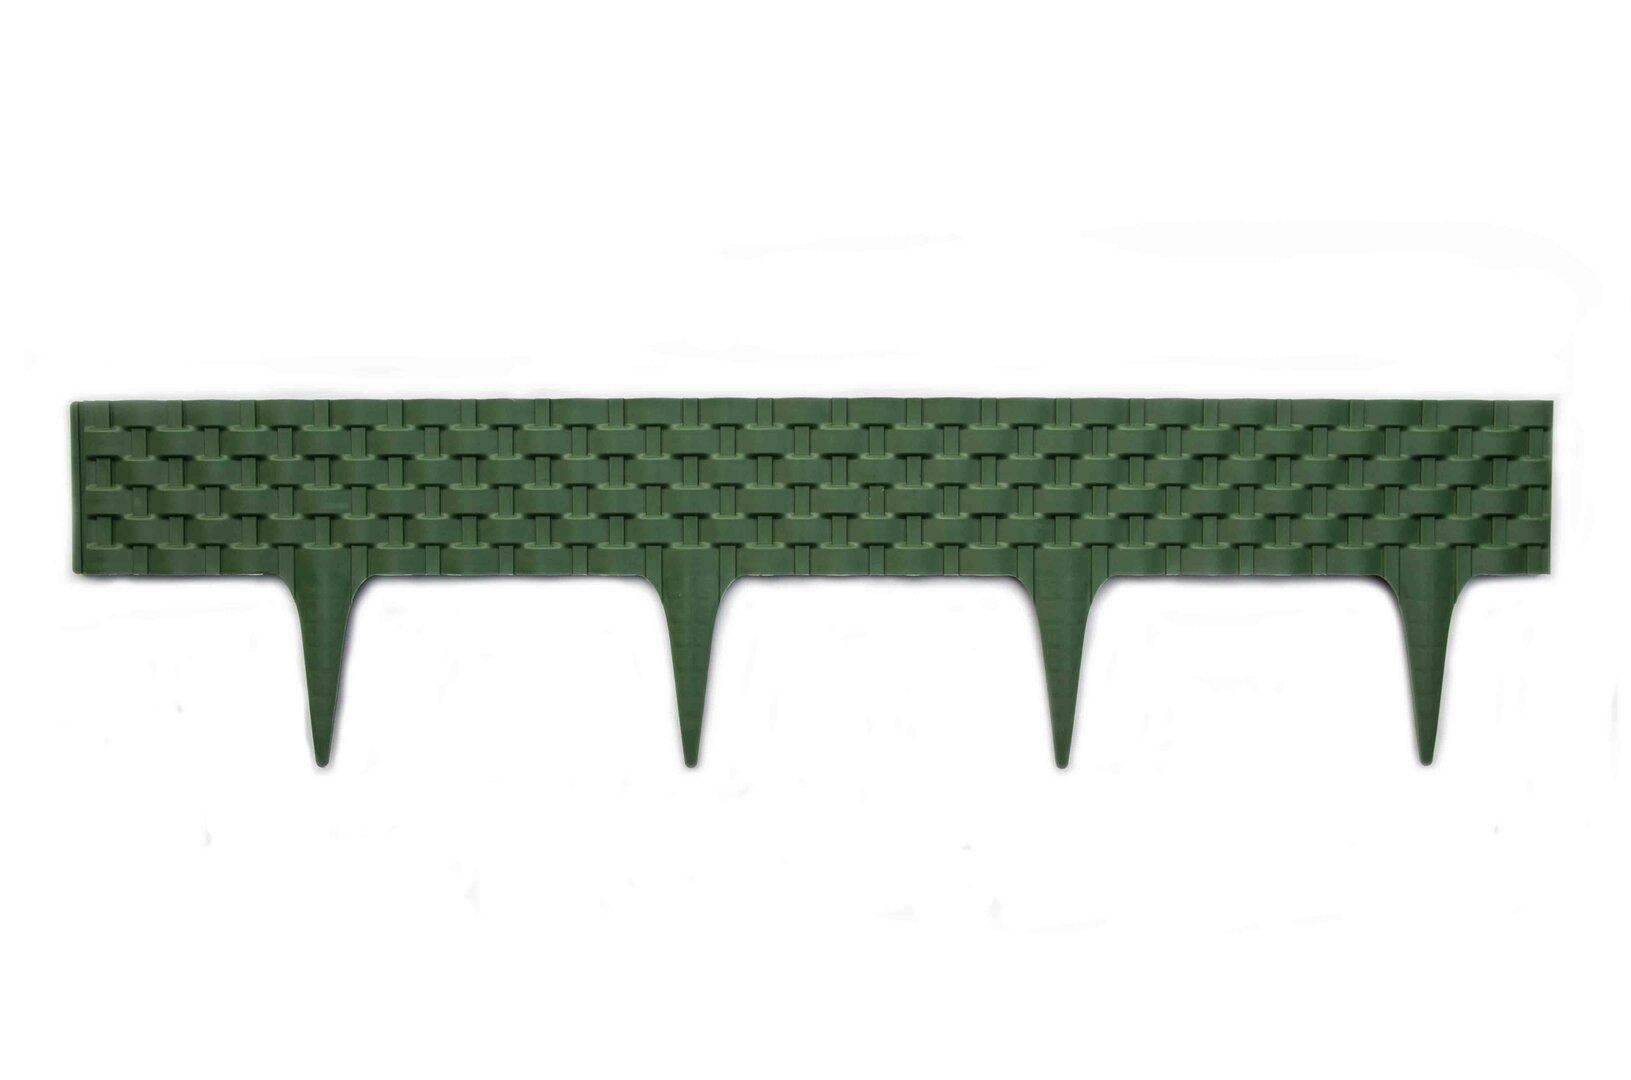 Zelený plastový palisádový zahradní obrubník Ratan - délka 80 cm a výška 8 cm